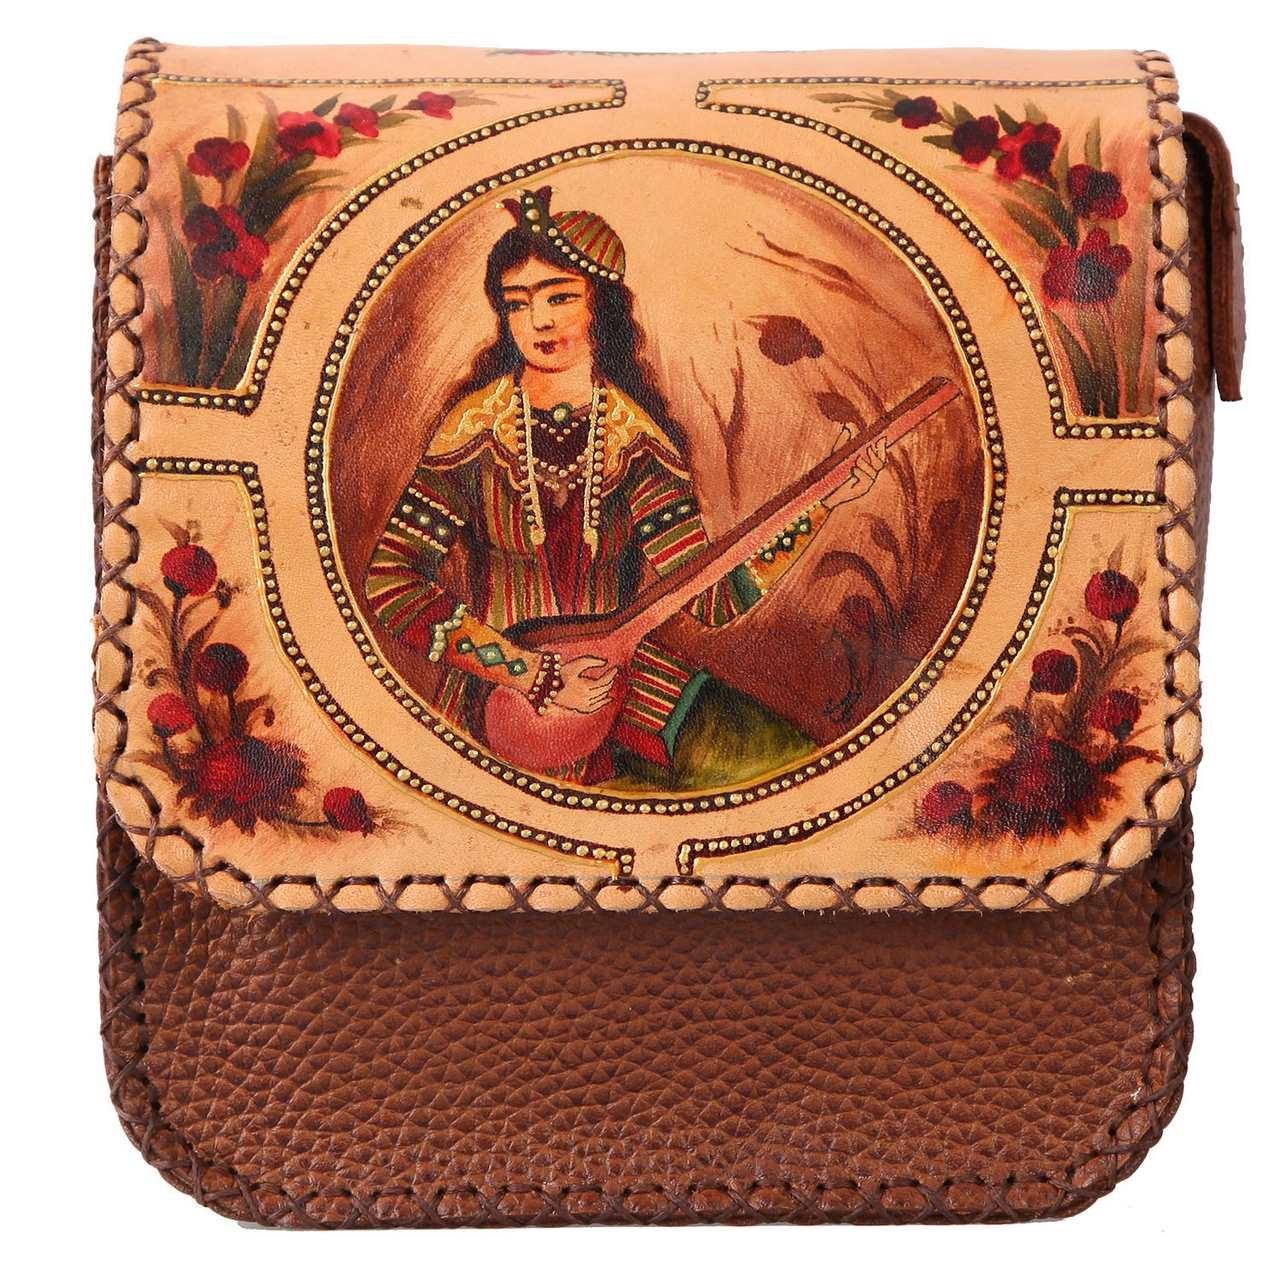 کیف دوشی گالری دیبا طرح قاجار کد 178020